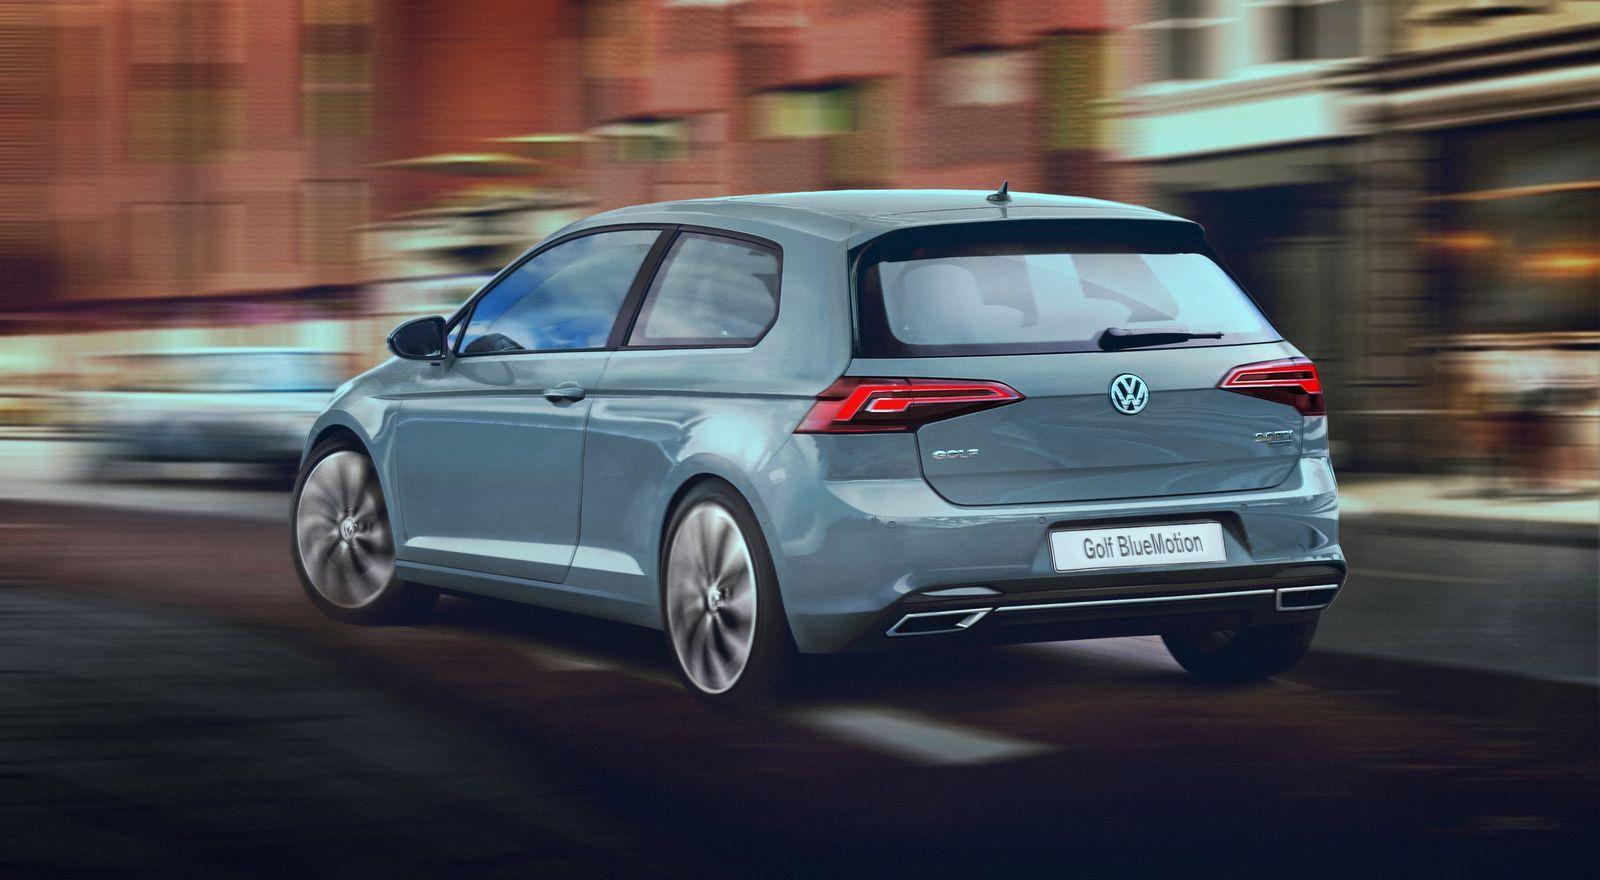 2020 Volkswagen Golf Price Specs Release Date Volkswagen Golf Volkswagen Golf